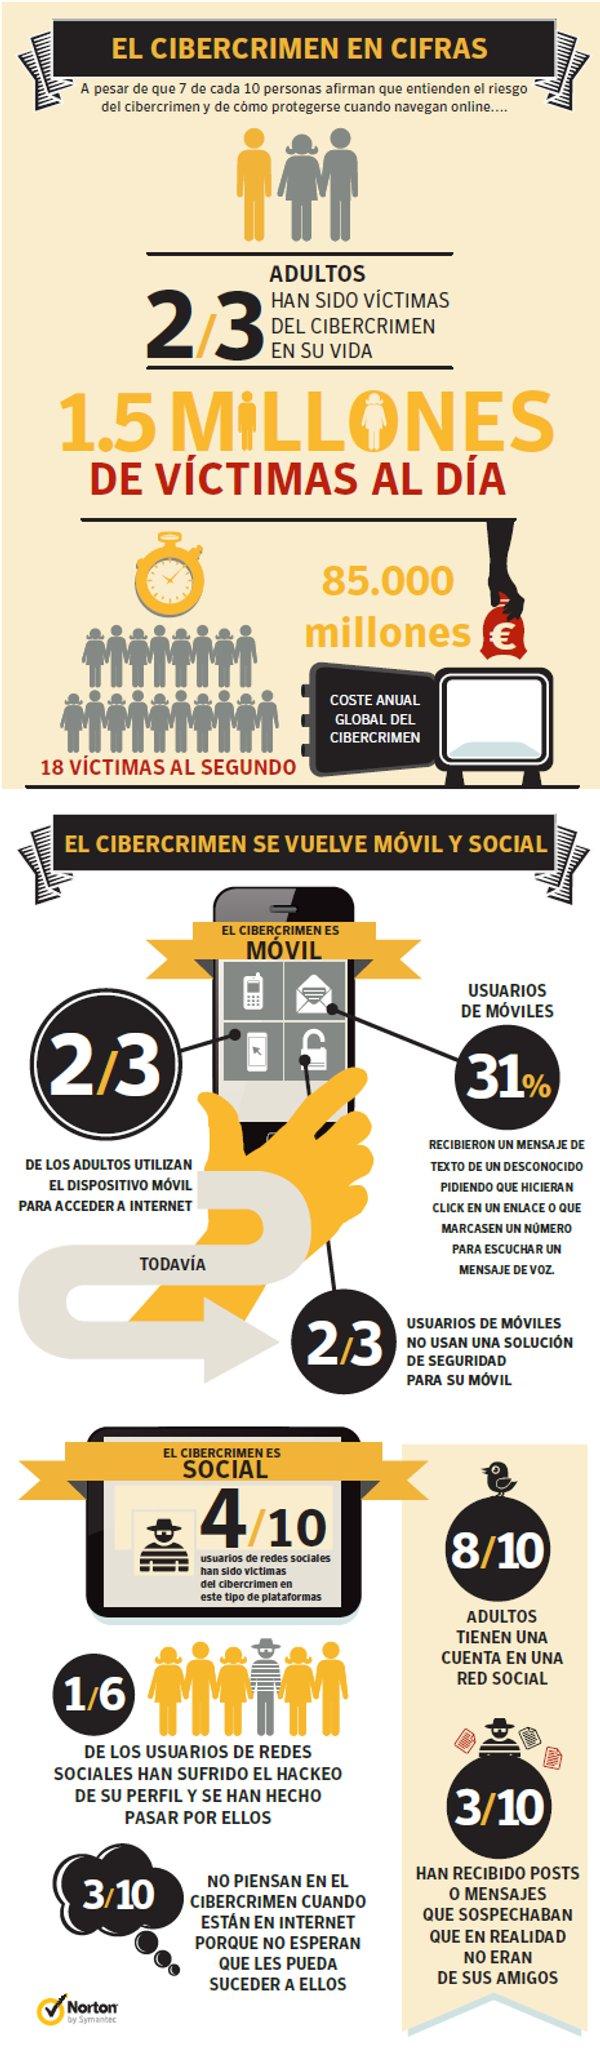 Infografia Norton Cibercrimen 2012